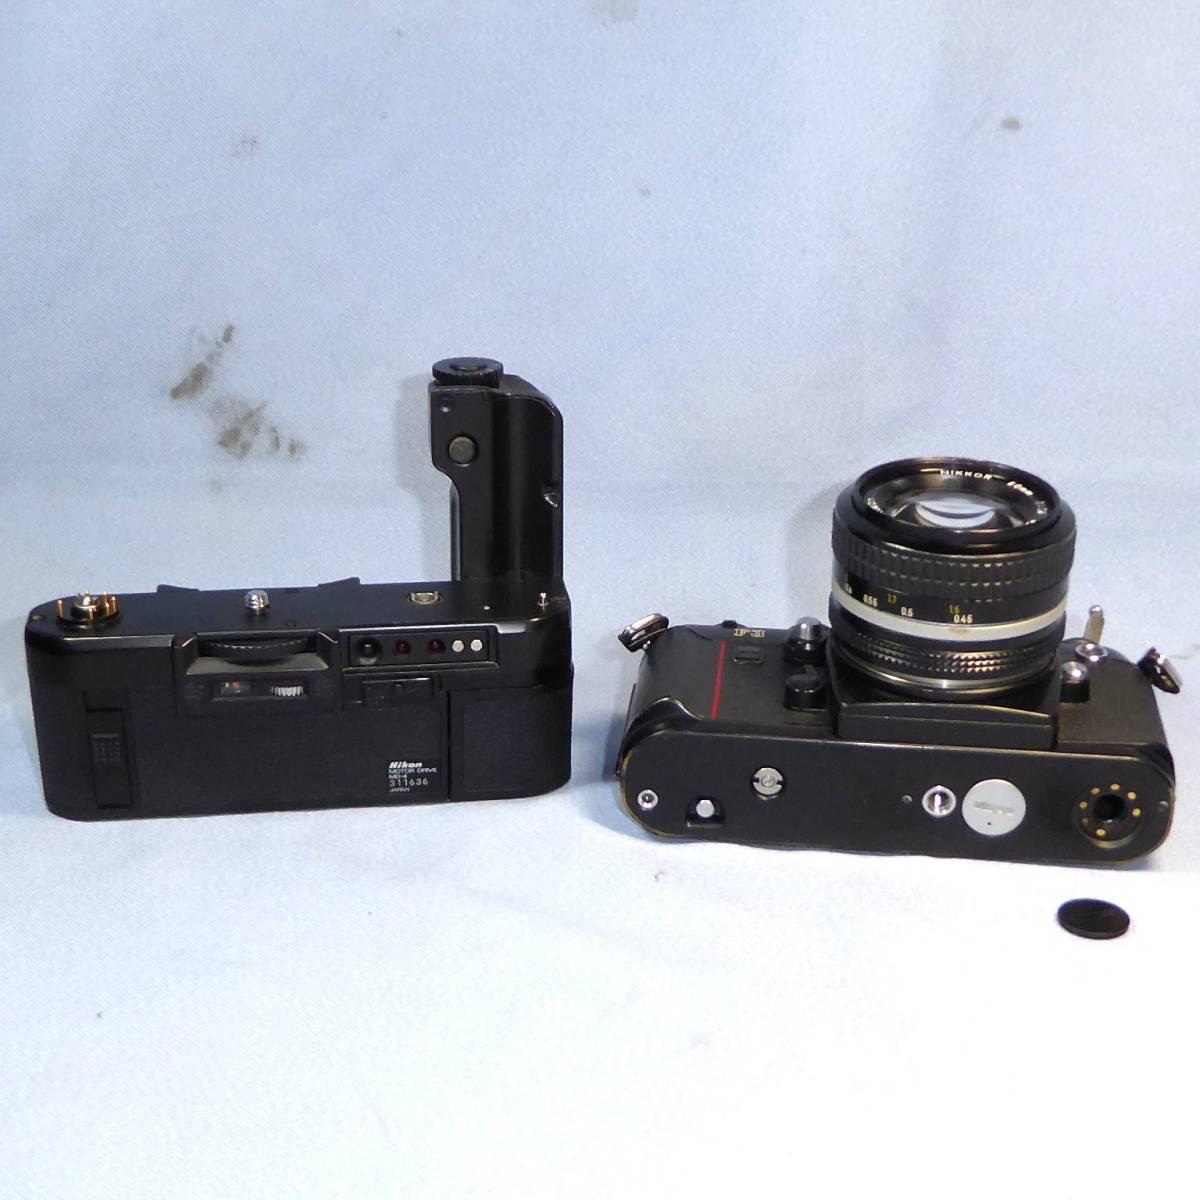 ★  綺麗  諸動作快調  ★   NIKON    F 3  HP   +   MD - 4   +   NIKKOR   50mm/F1.4   +  NIKON ストラップ _画像8